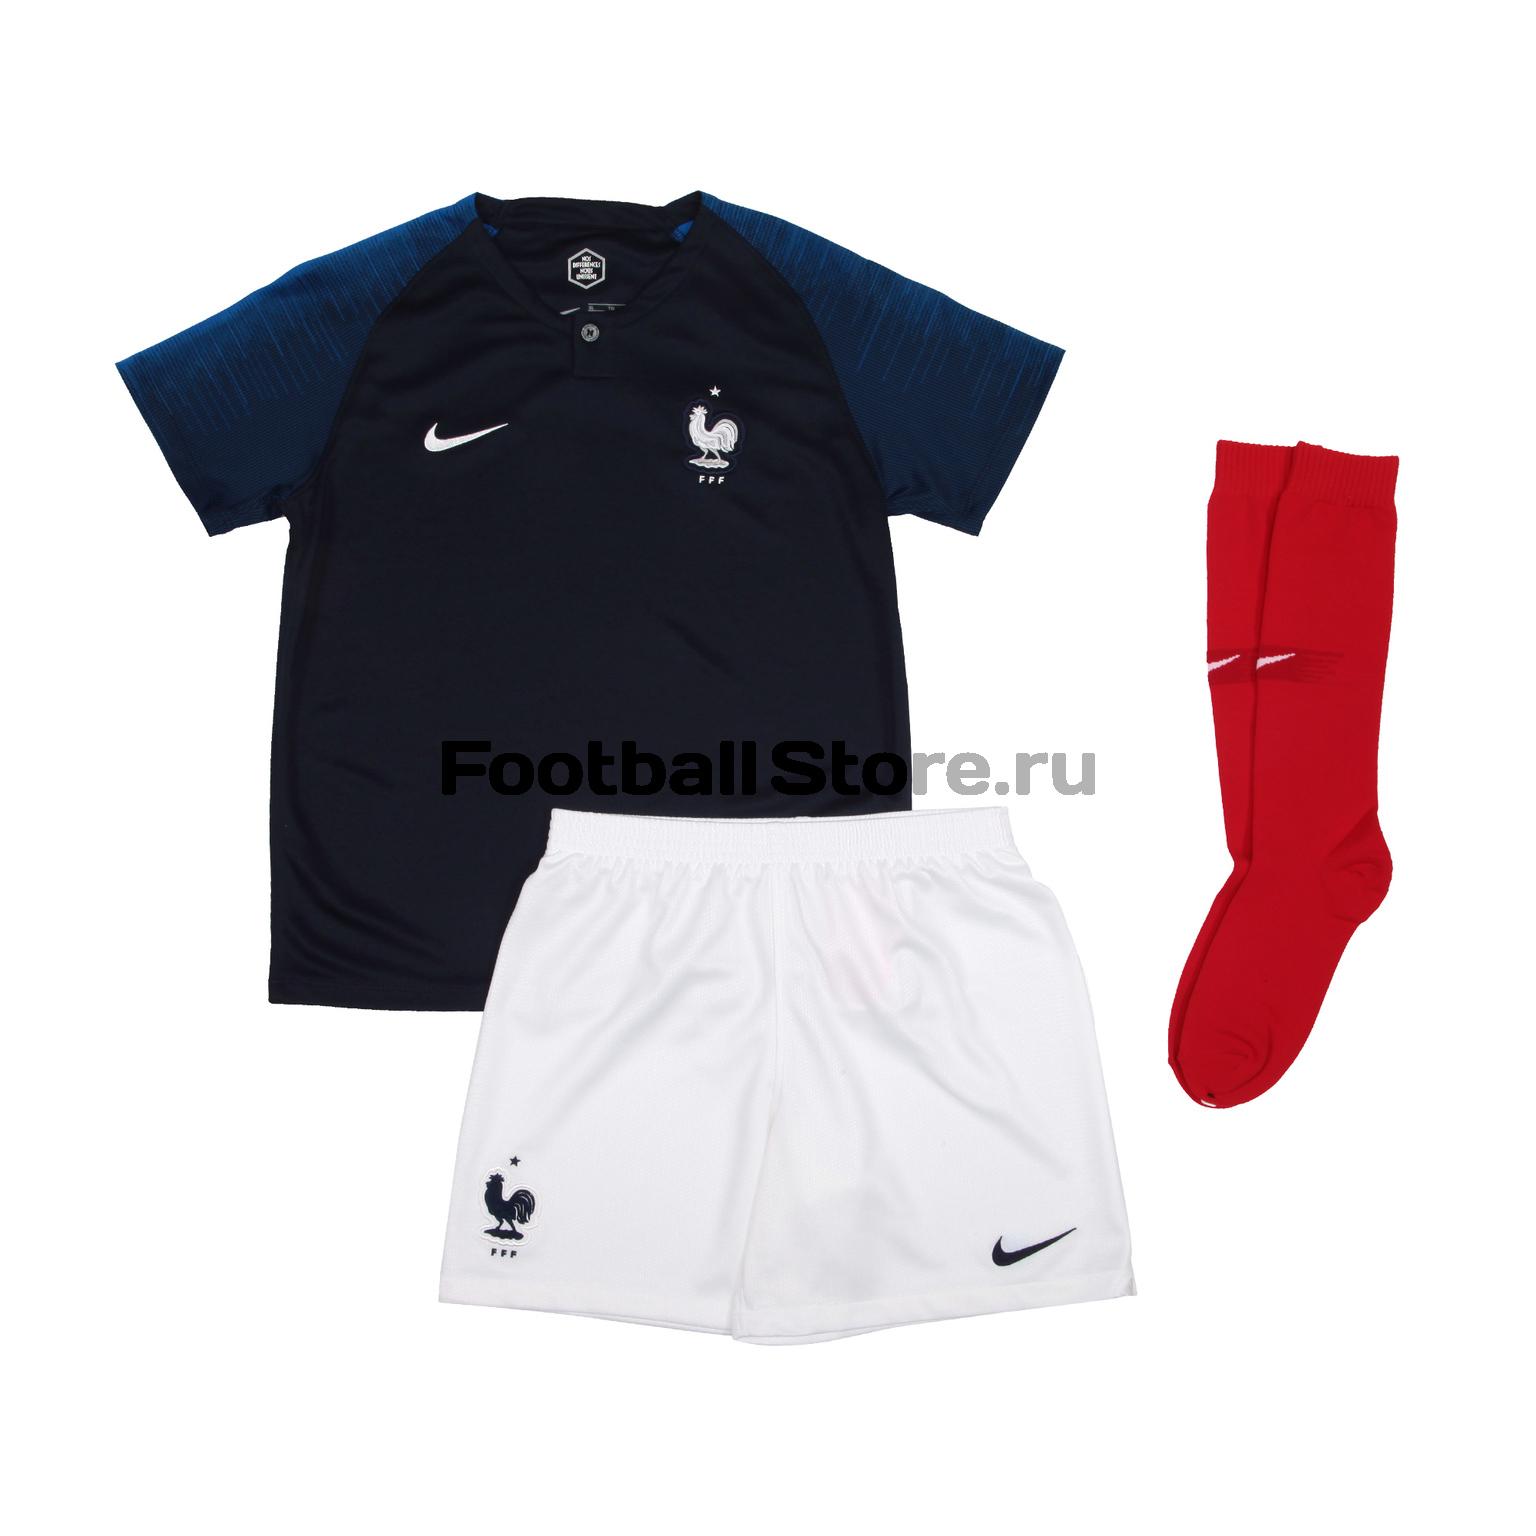 82d359a3 Комплект детской формы Nike сборной Франции 894043-451